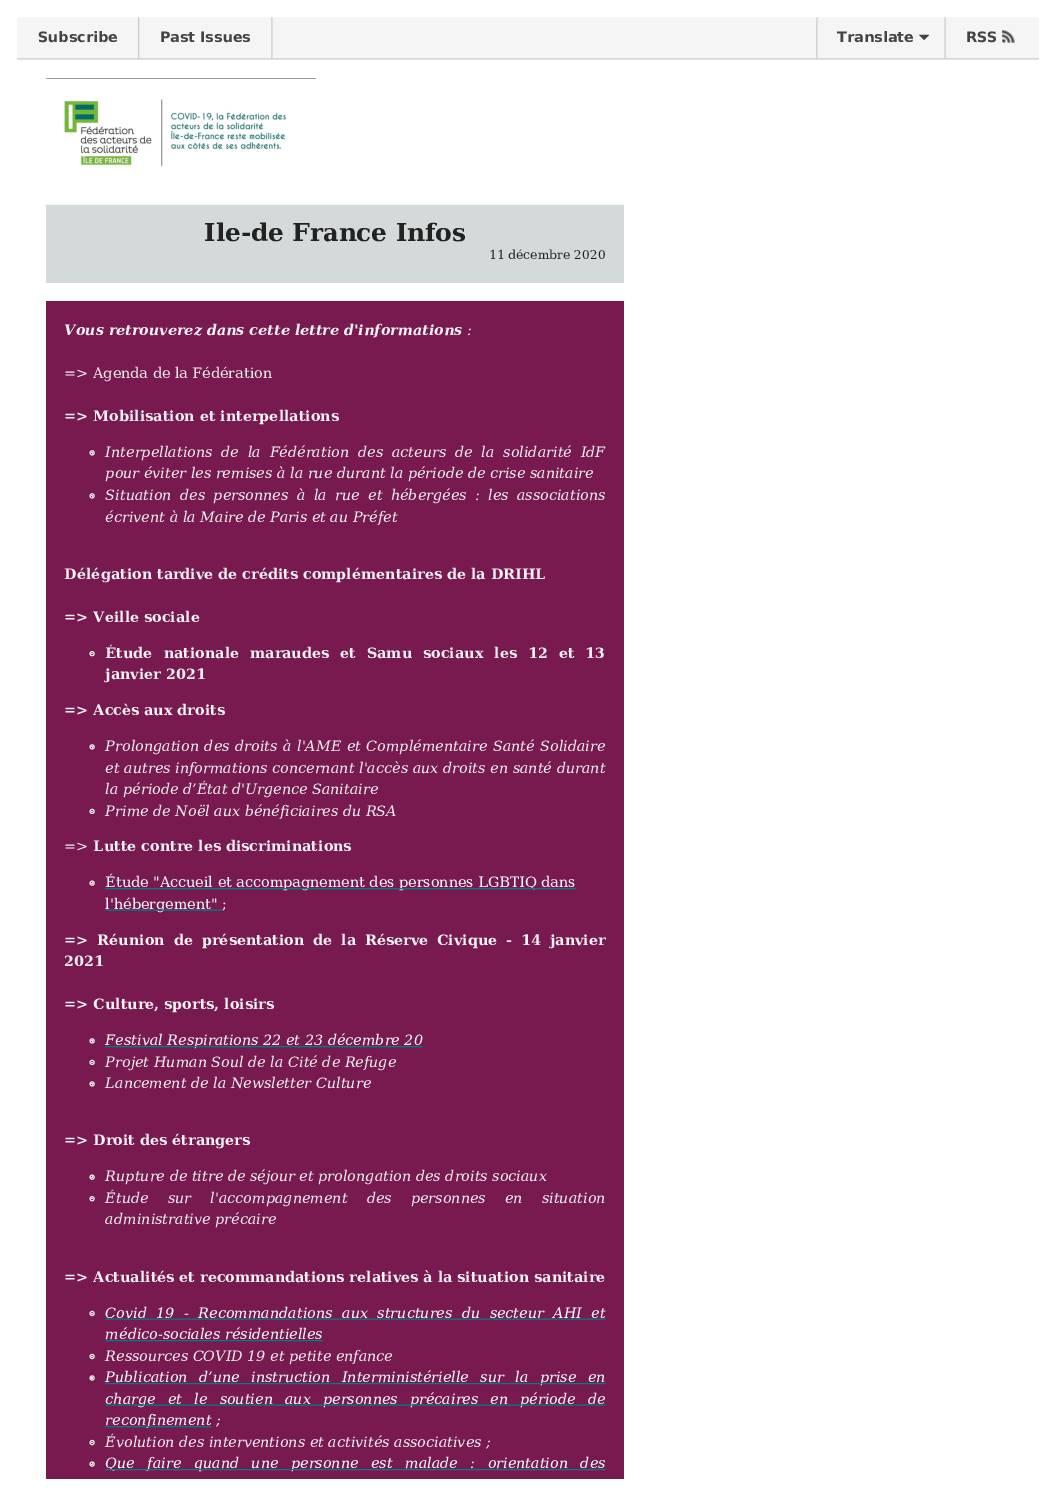 Ile-de-France infos 18 décembre 2020